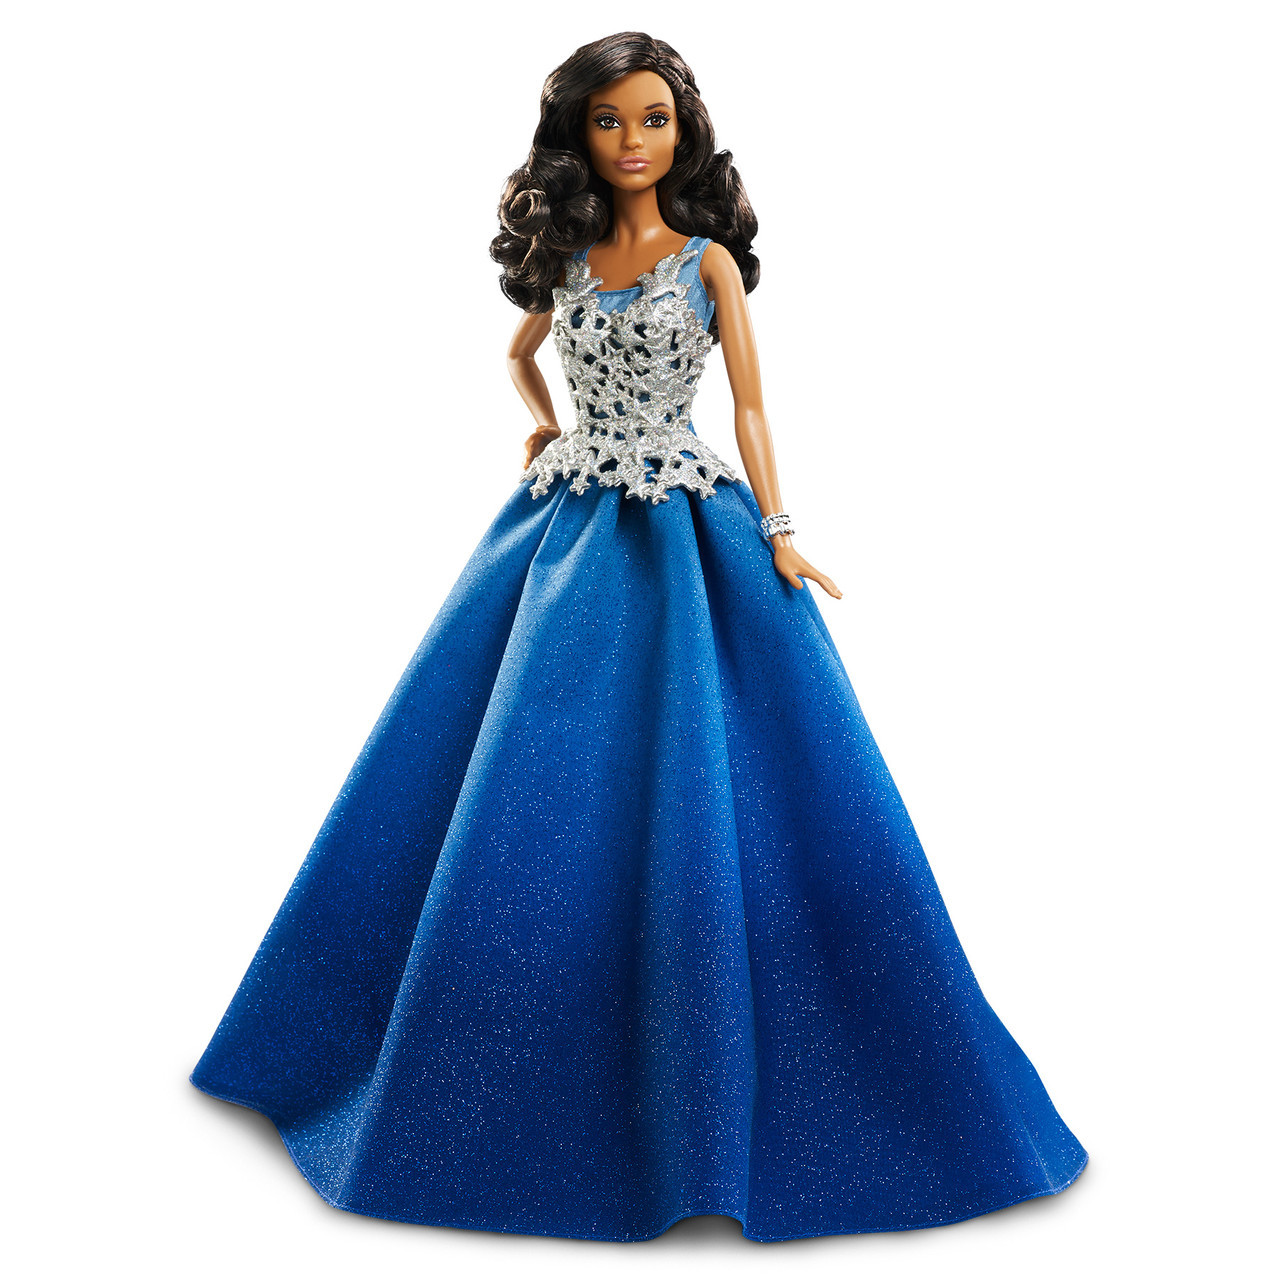 Кукла Барби Barbie коллекционная праздничная коллекция в синем платье Barbie Holiday Doll dgx99